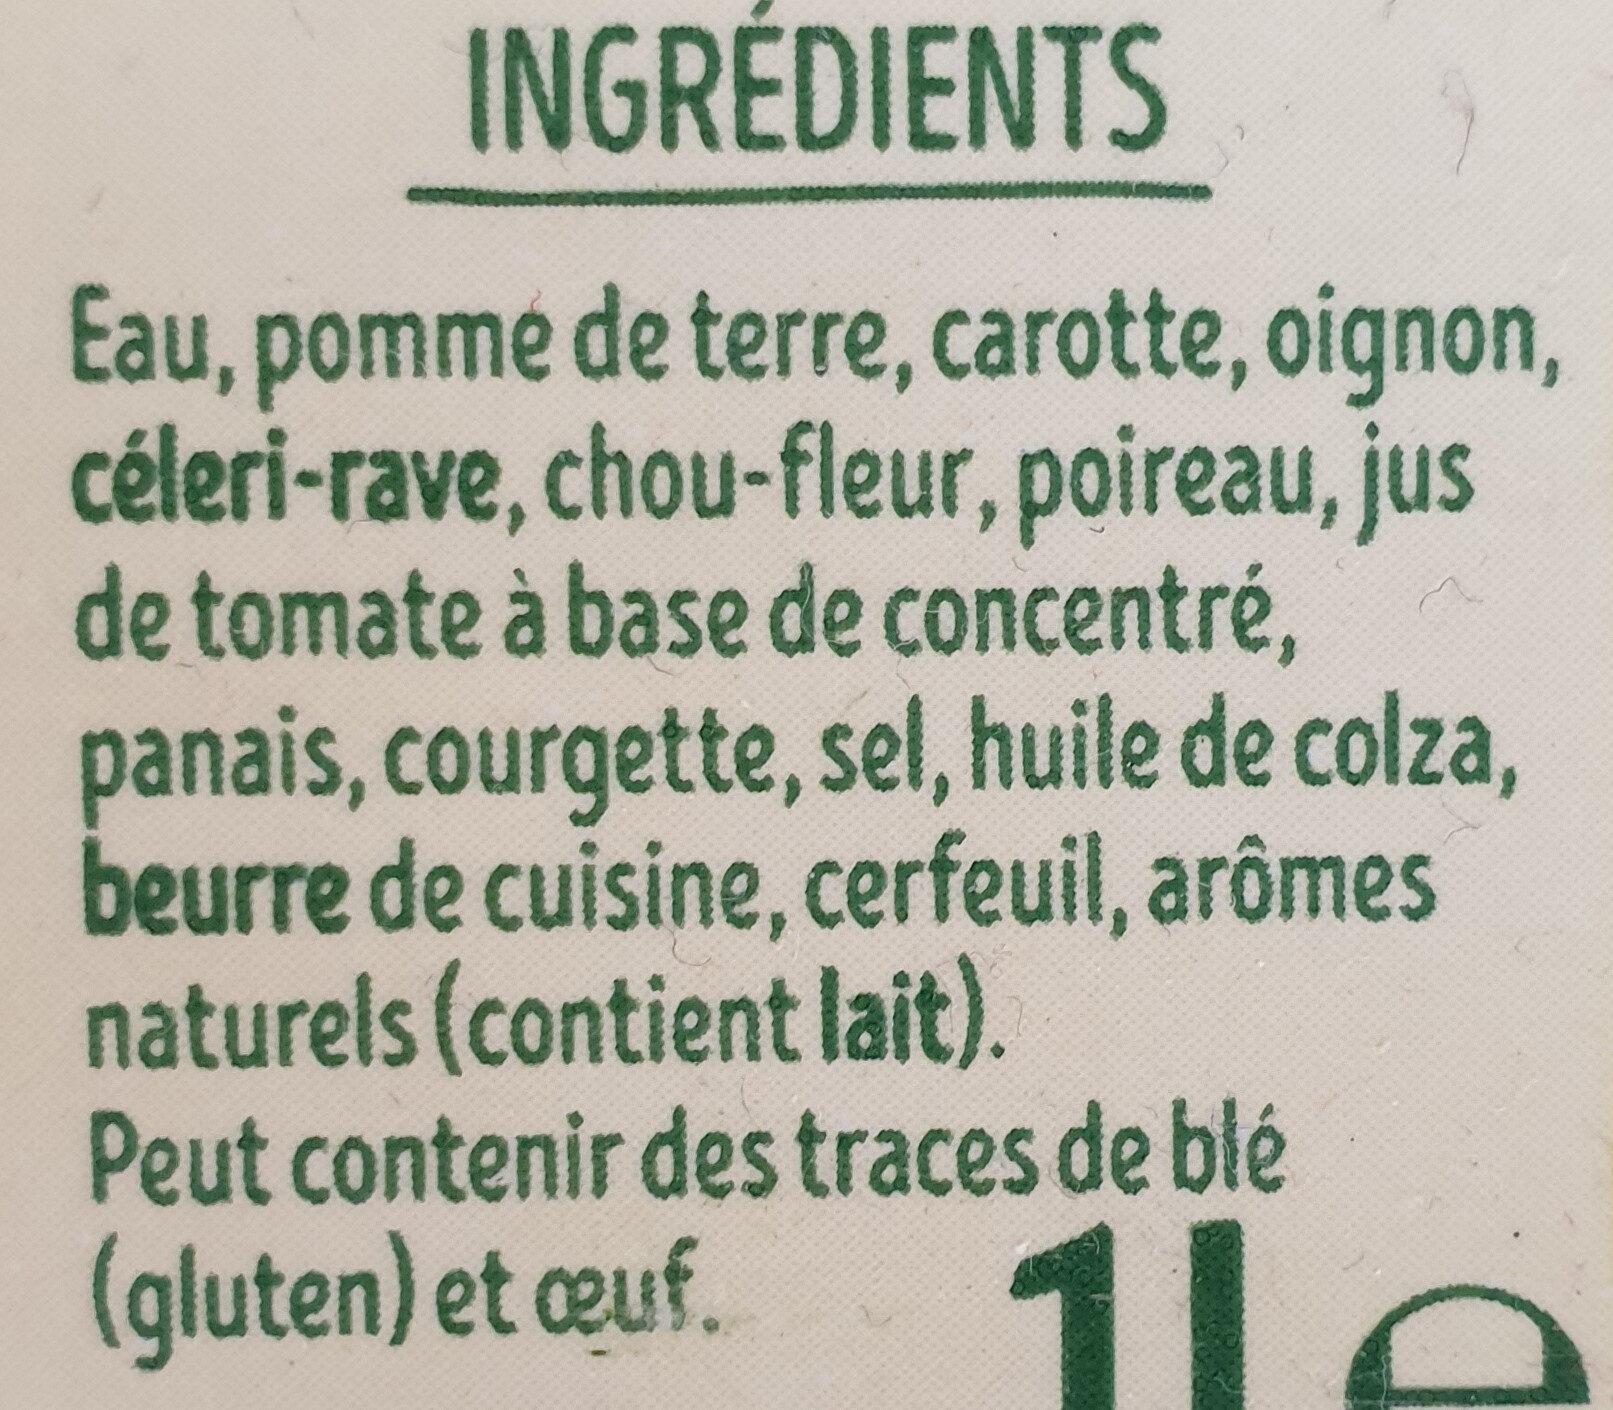 Mouliné de 10 légumes - Ingredienti - fr